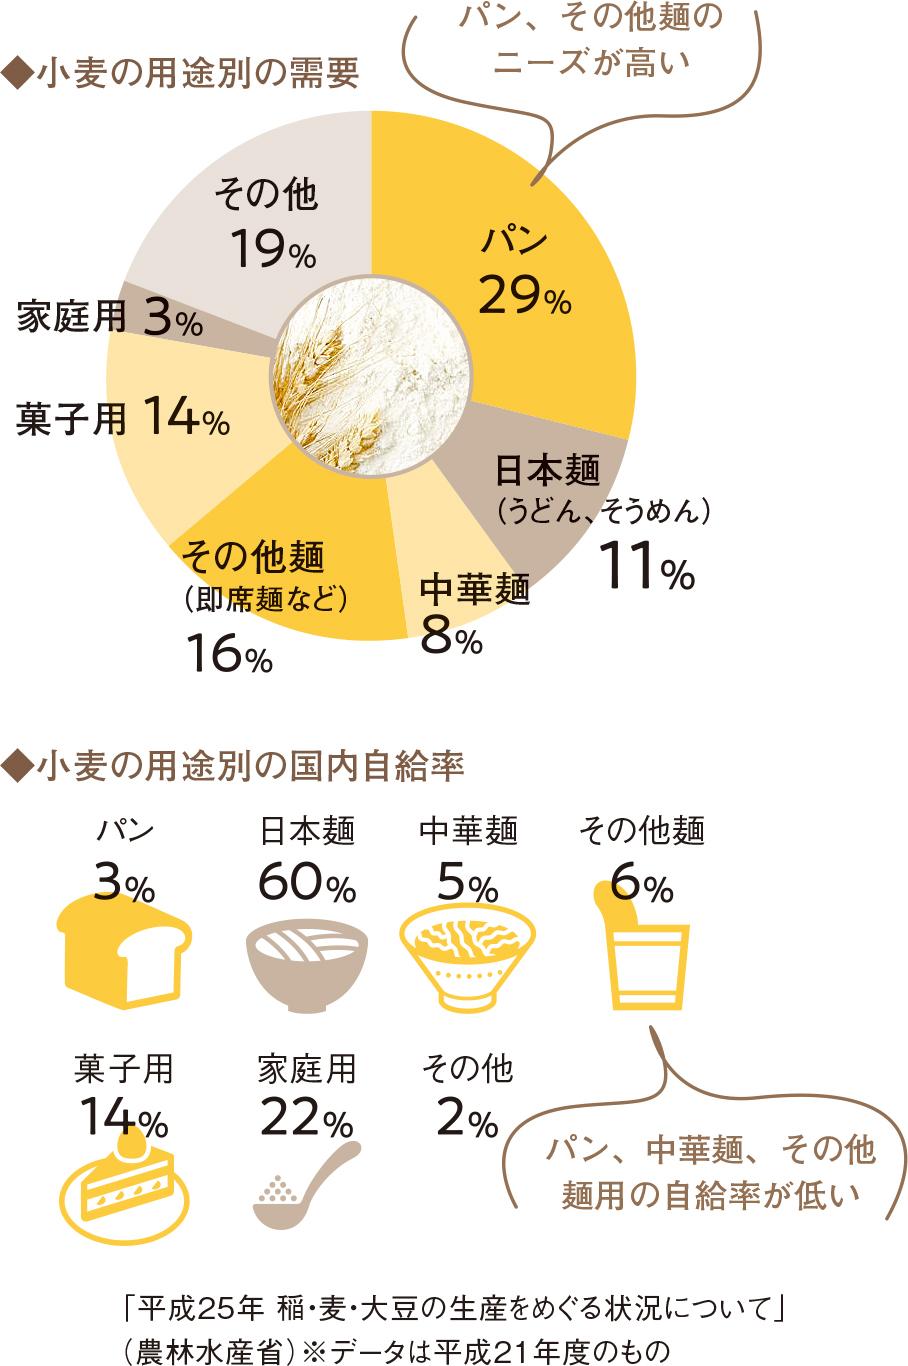 小麦の用途別の需要